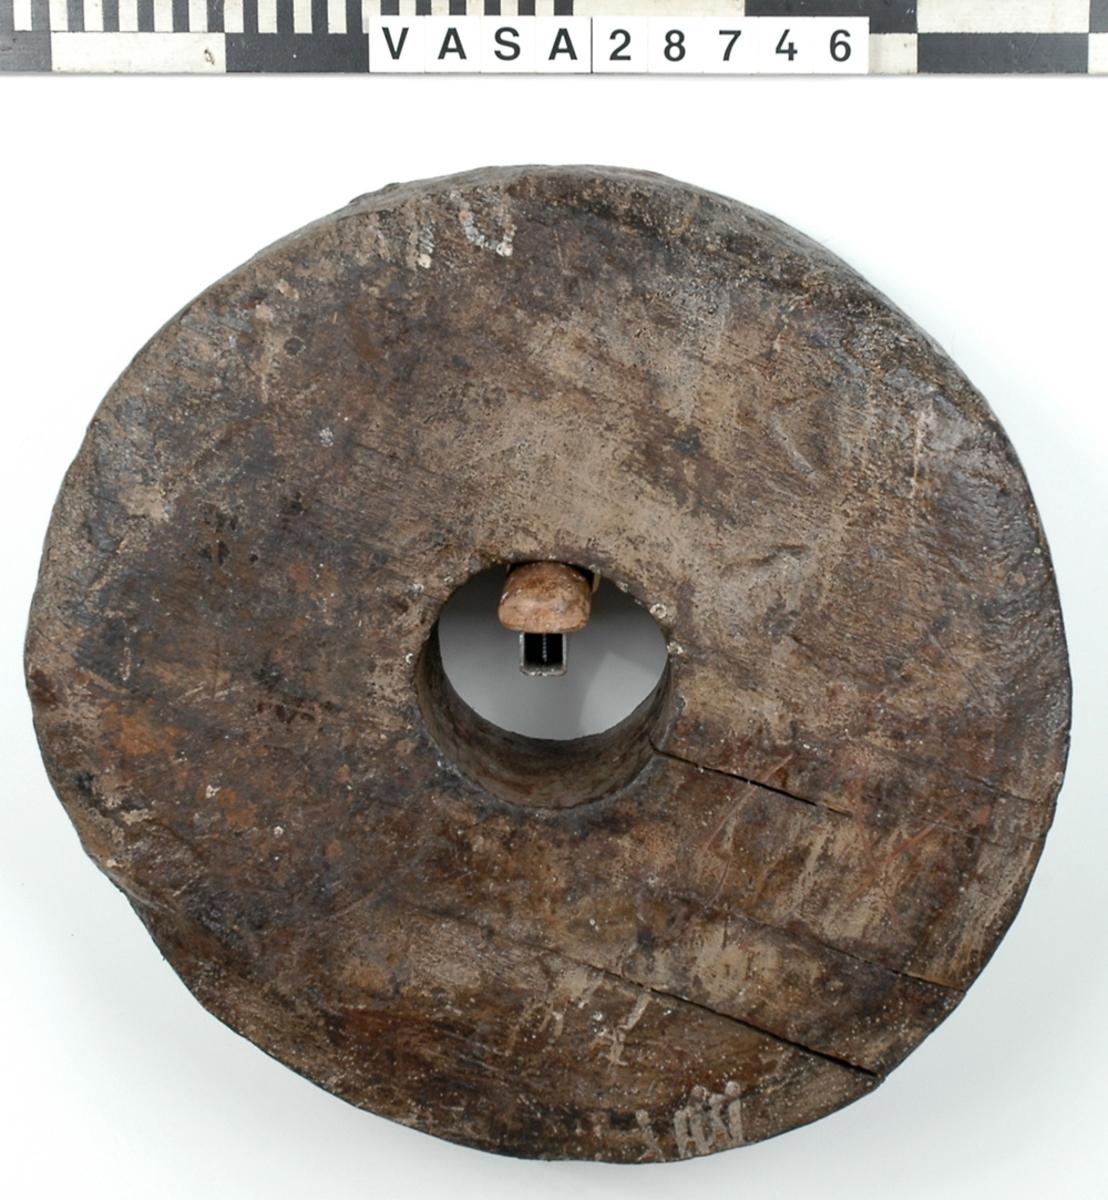 Lavetthjul. Båda sidor har en ca. 35 mm bred fasad kant. Ena sidan har haft en järnring runt hålet som suttit fast med 8 st spik. På samma sida som ringen suttit finns två träpluggar (30-35 mm i diam.) i hjulet.